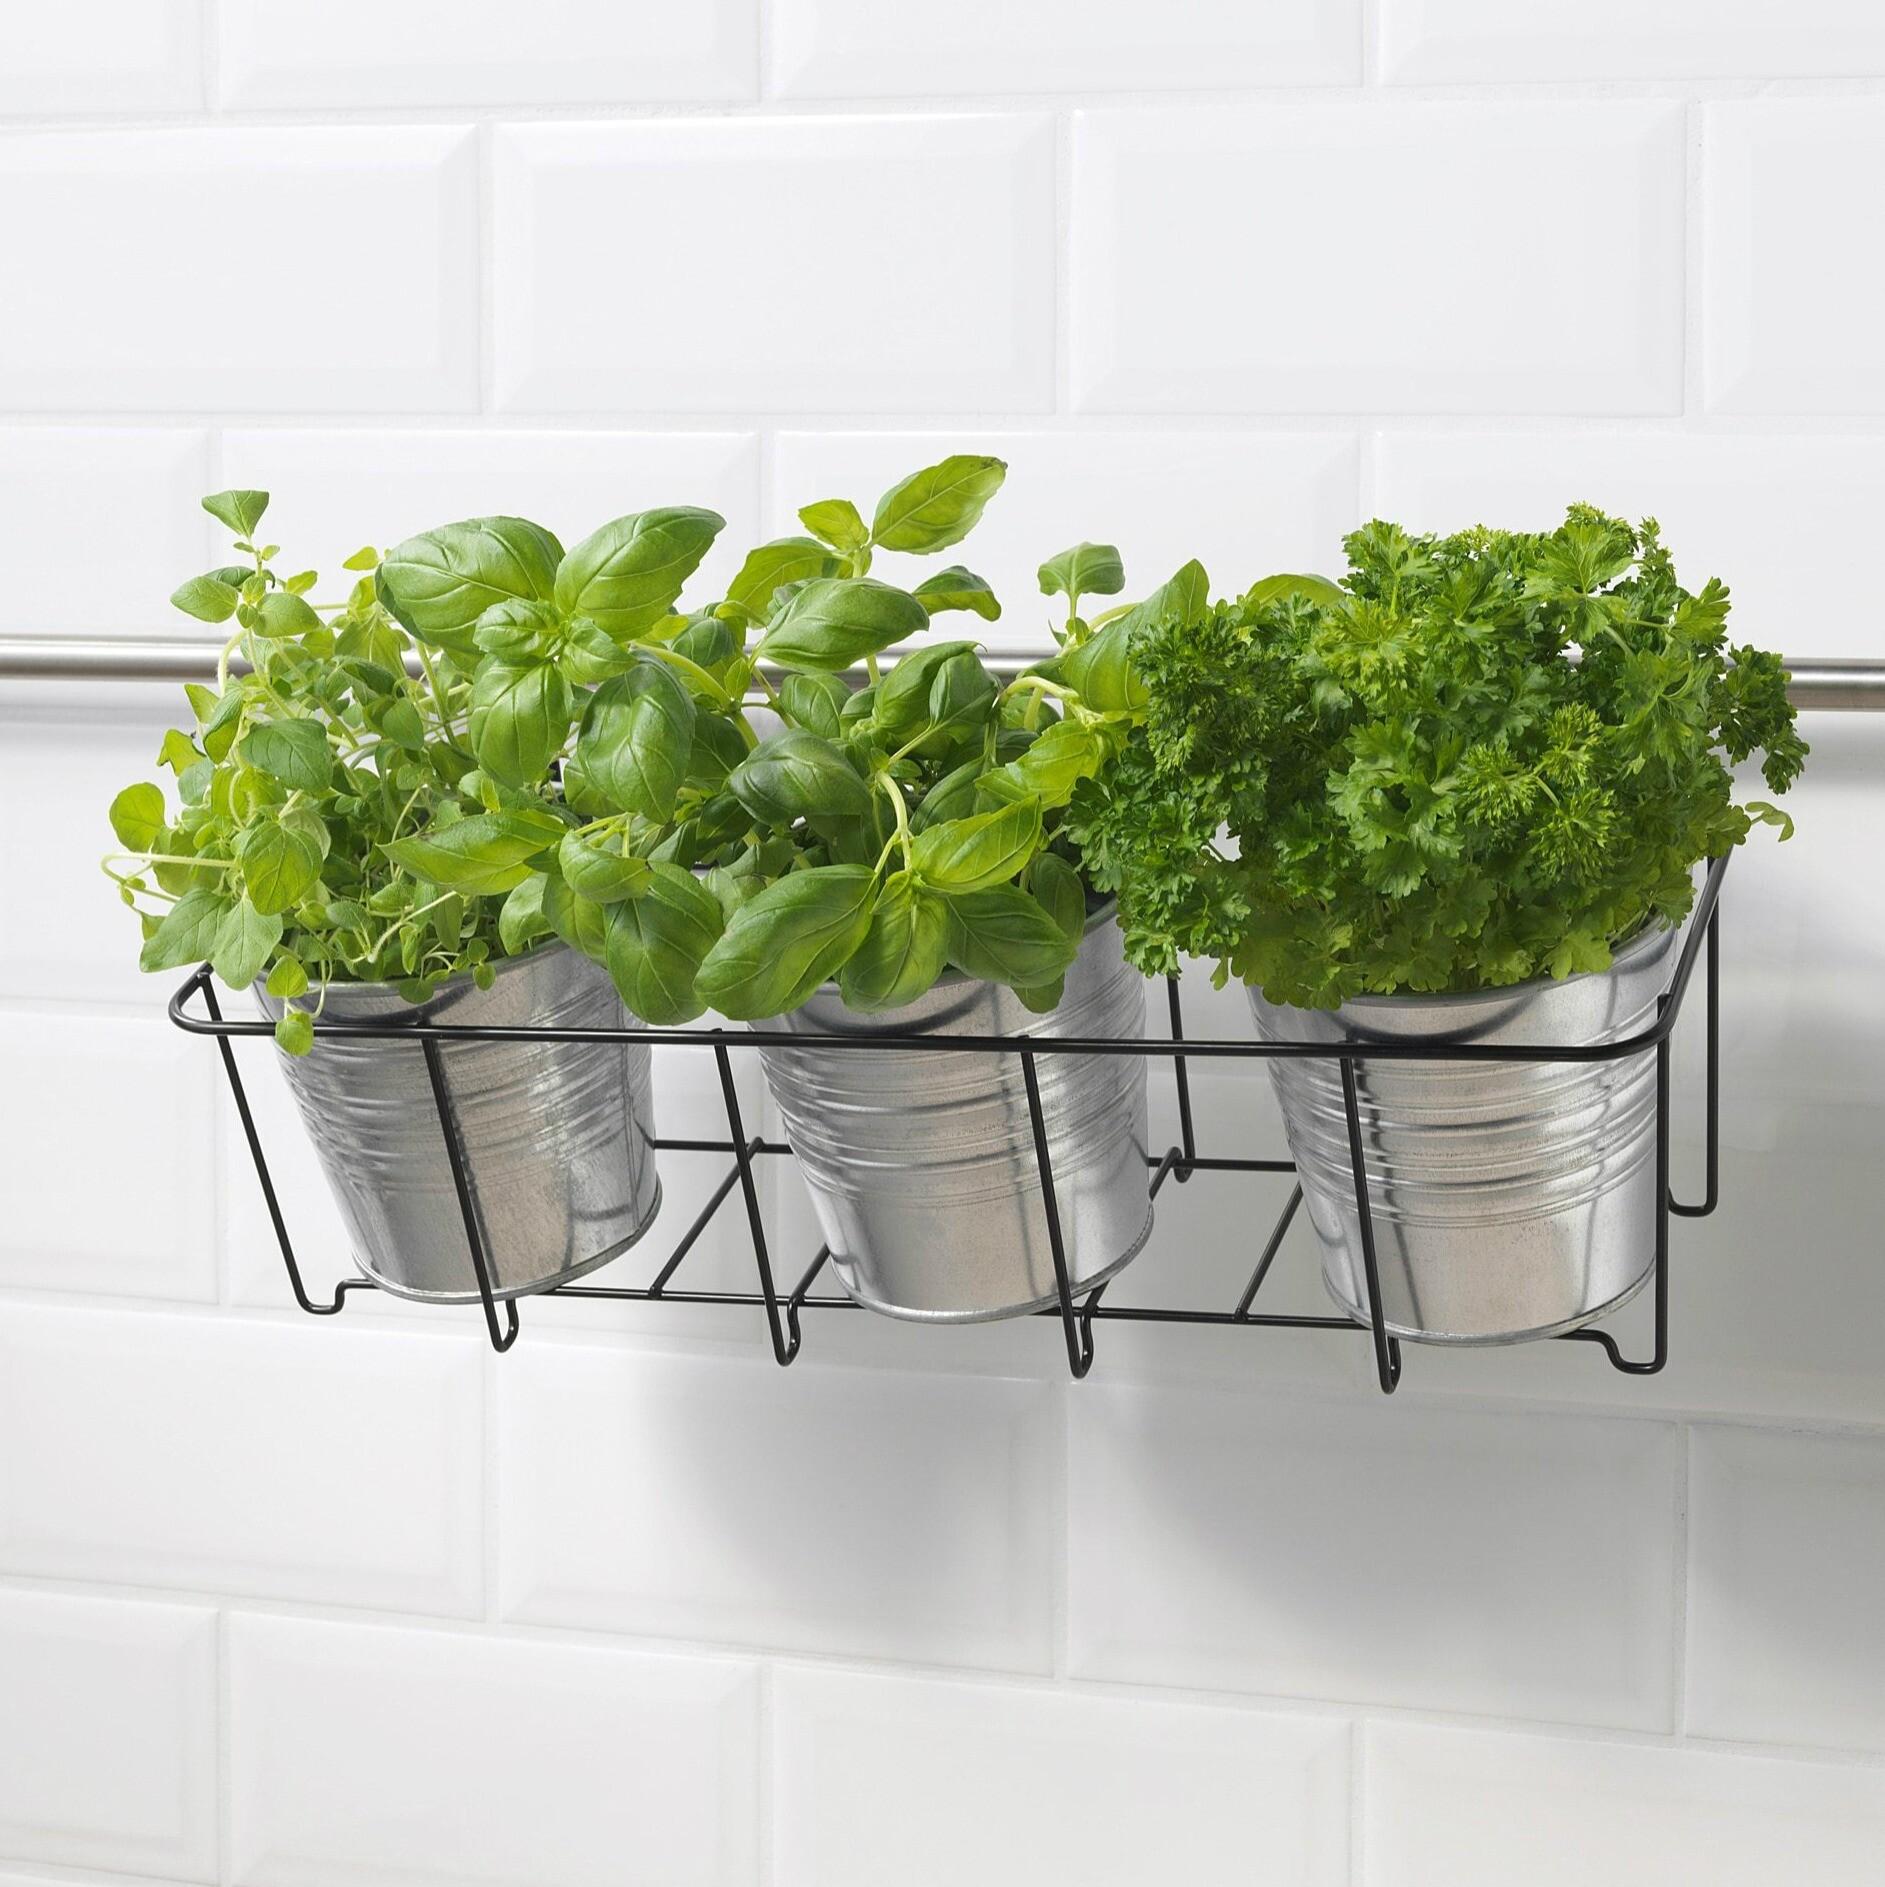 Как добавить комнатные растения в интерьер, если совершенно нет места